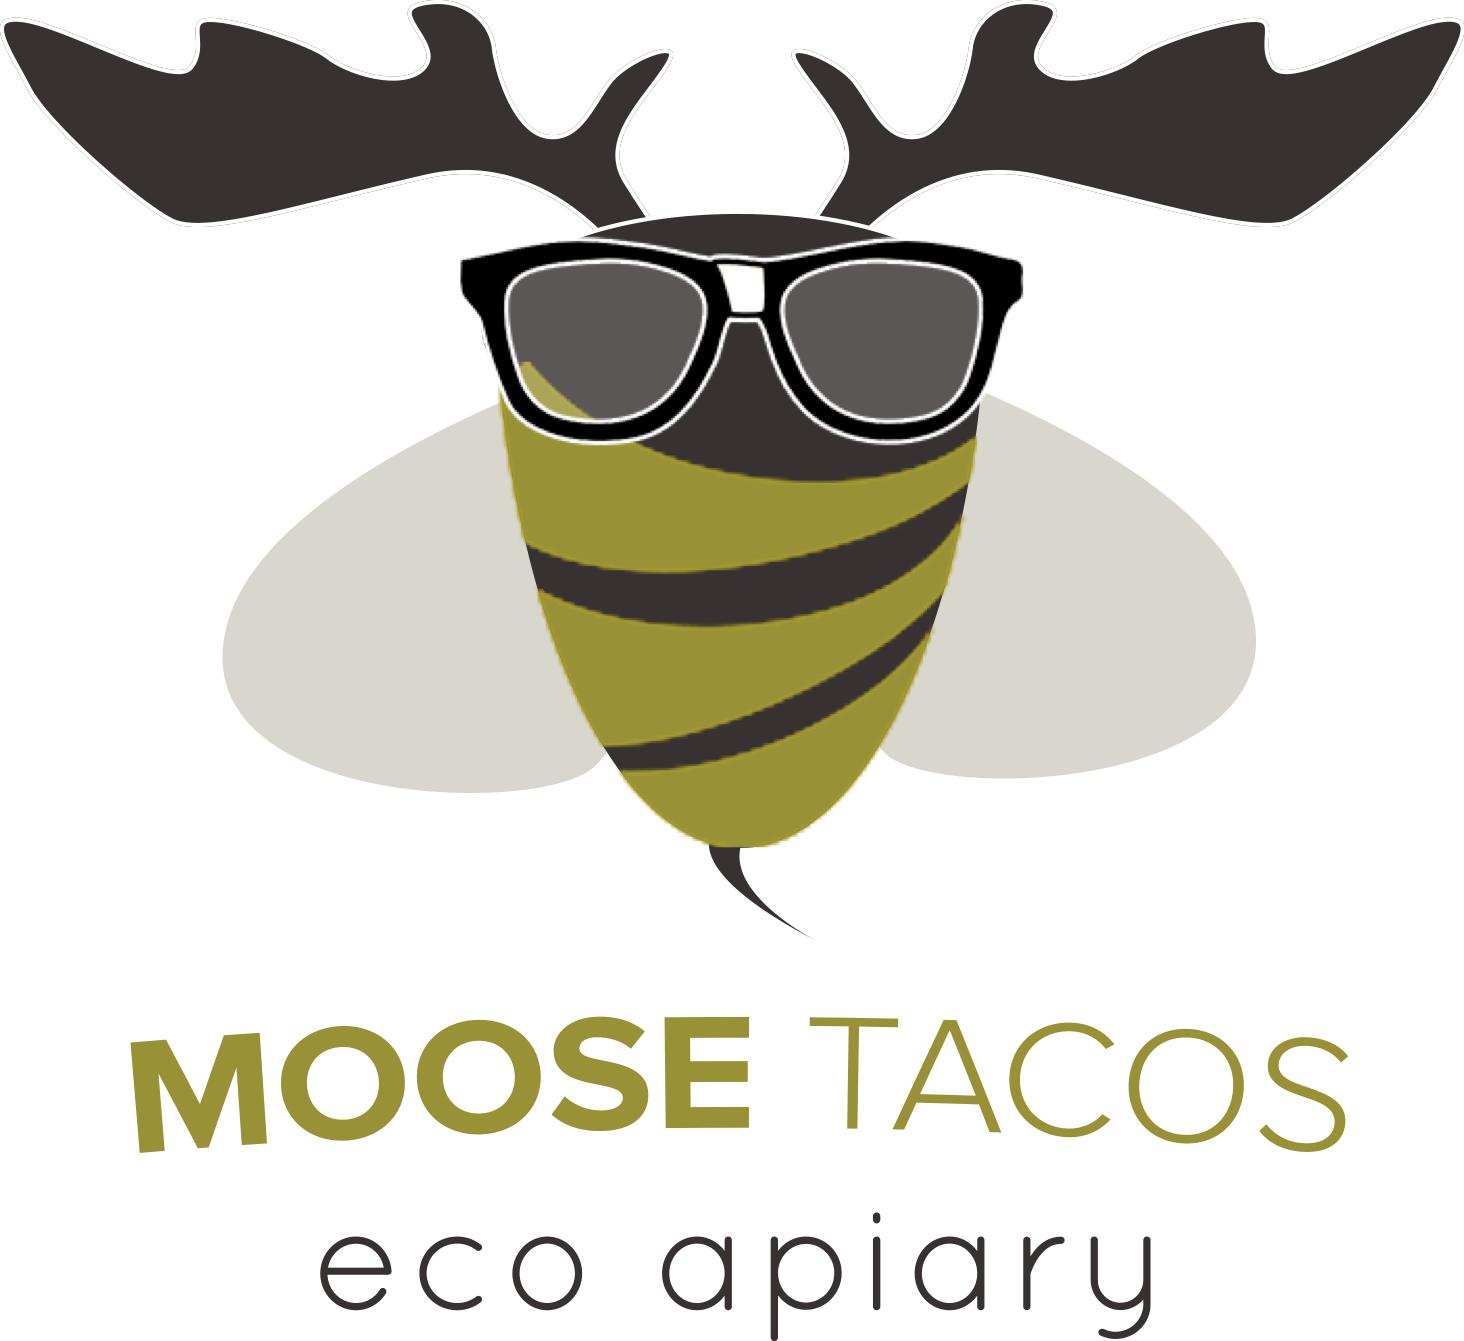 Moose Tacos Eco Apiary Logo